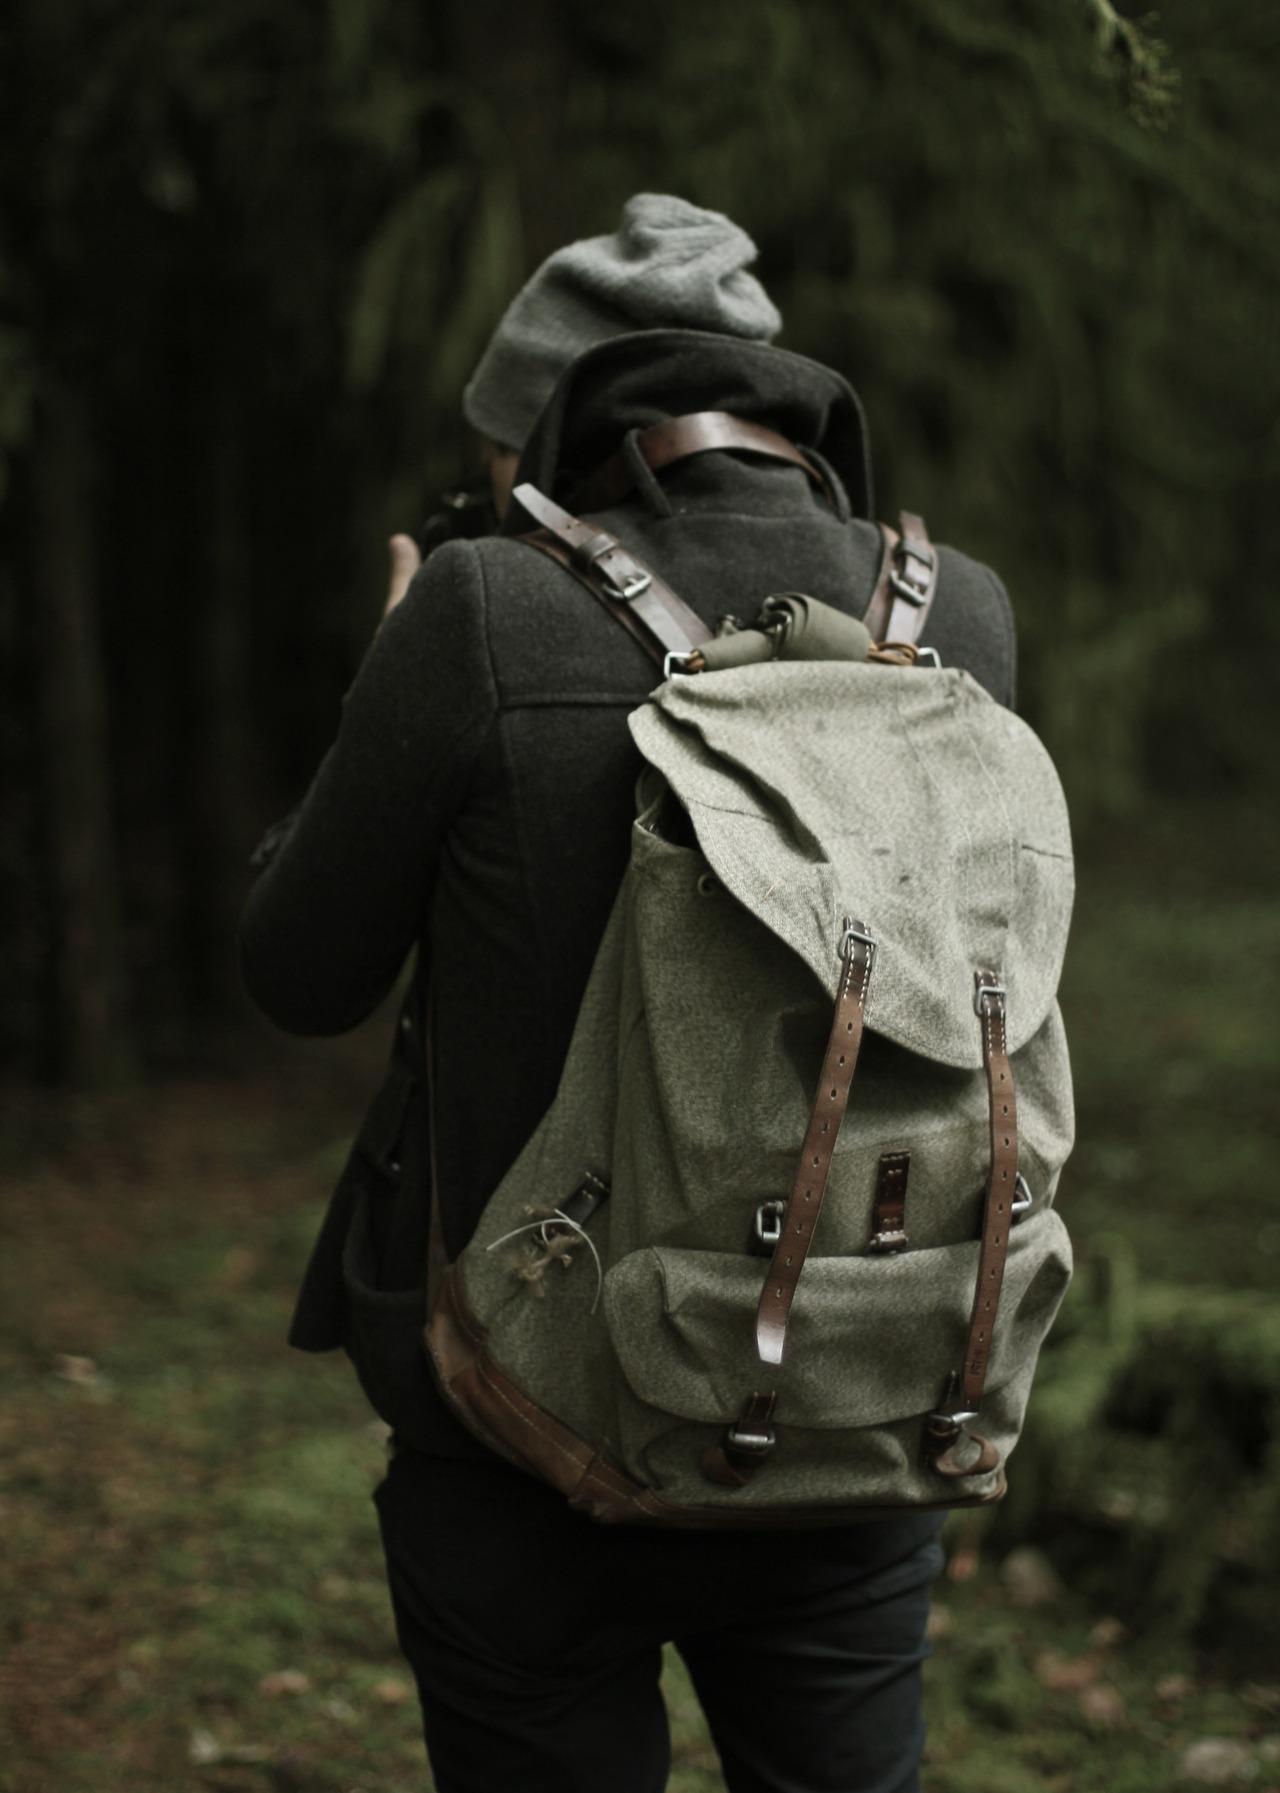 i LOVE backpacks like this.